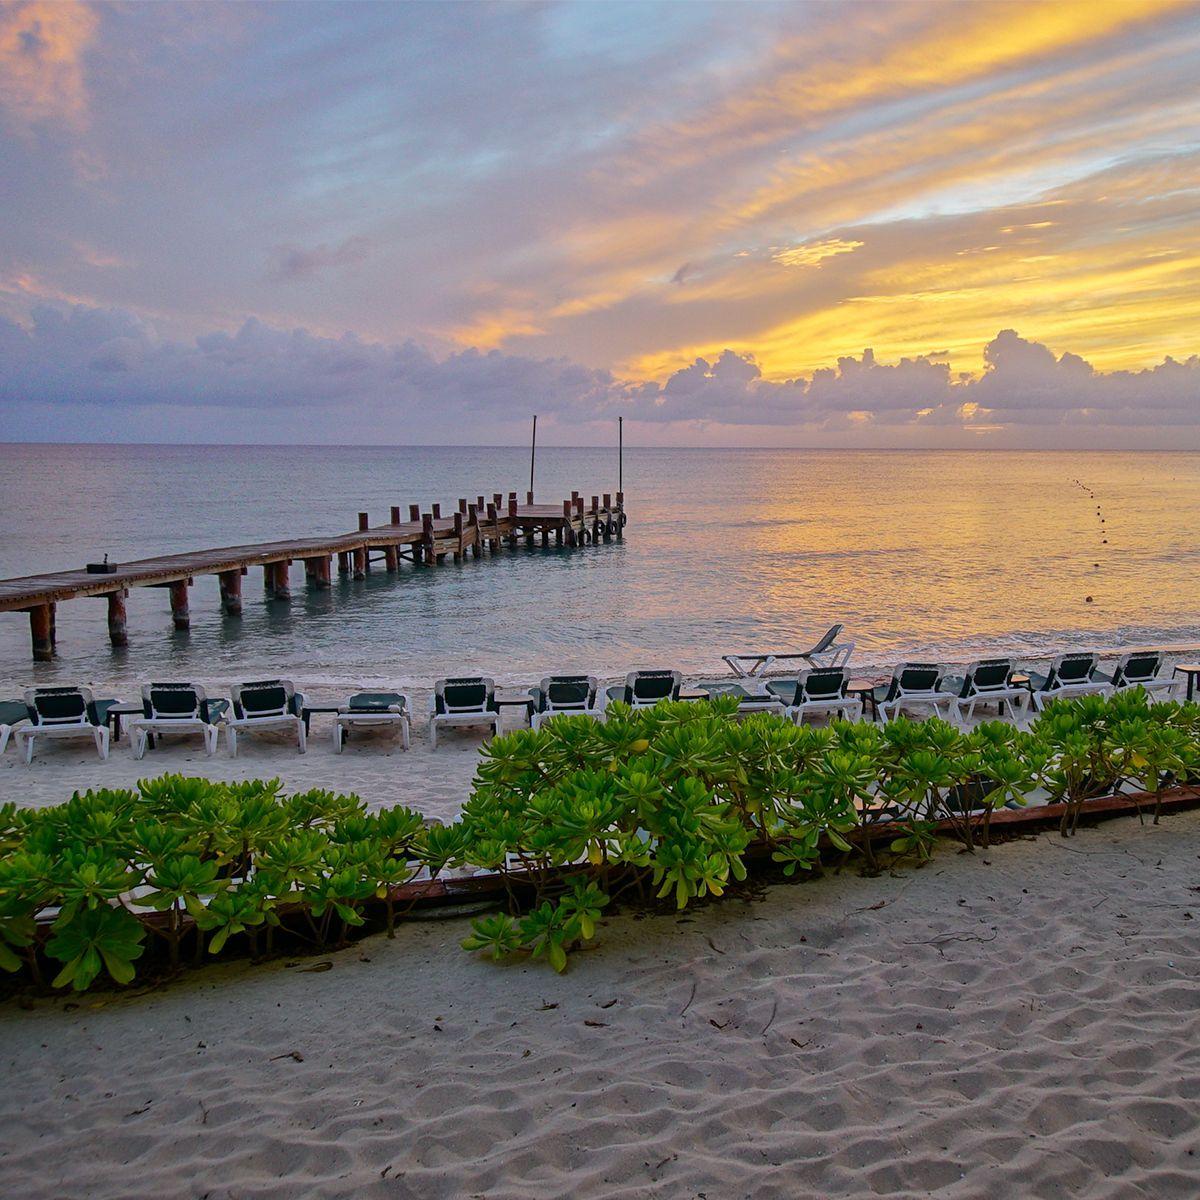 Disfruta de un atardecer en la playa en la isla de Cozumel, en el Caribe mexicano.